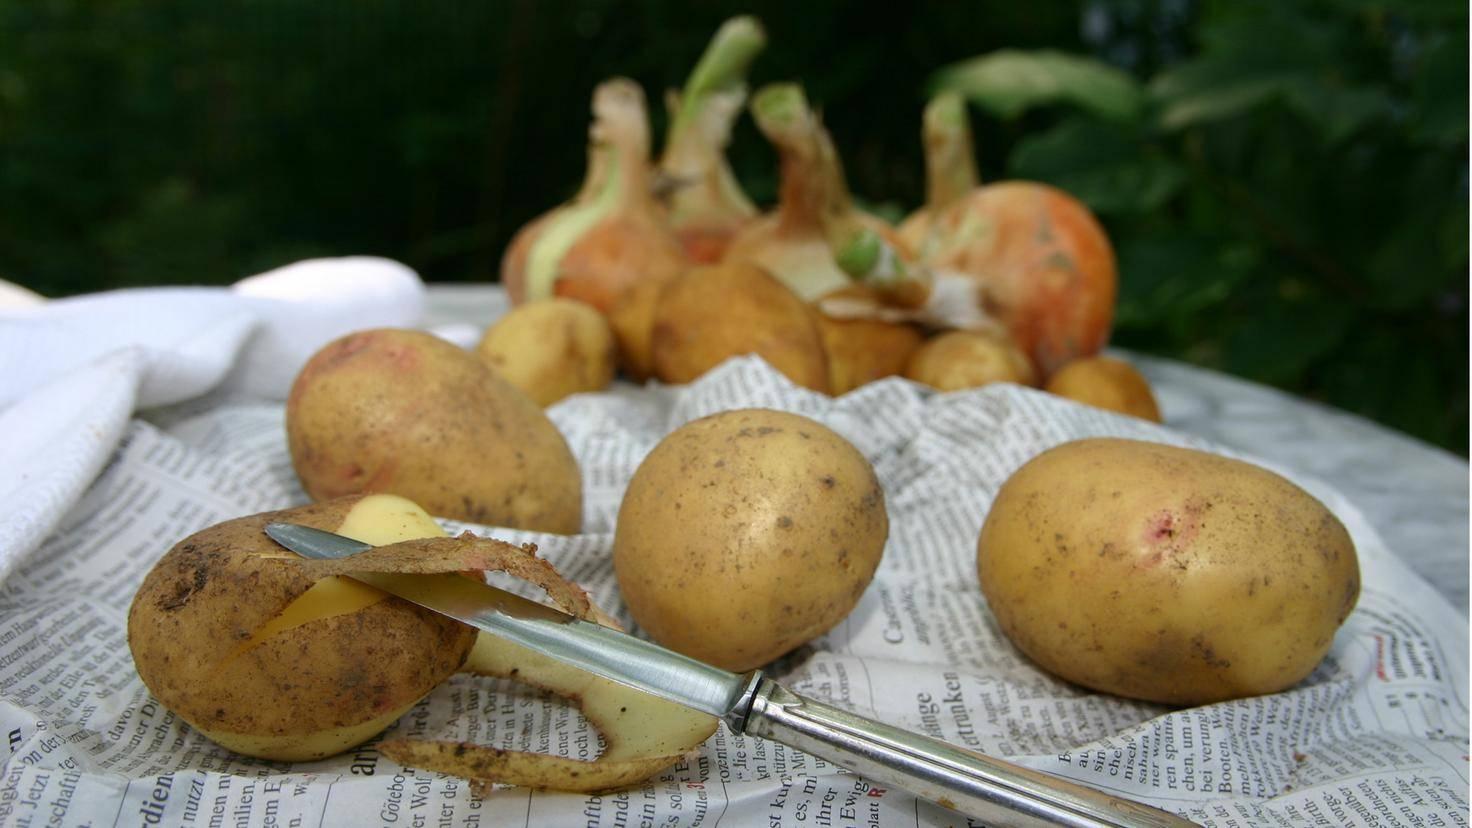 Schäle Kartoffeln am besten erst nach dem Kochen – das erhält viele Nährstoffe.